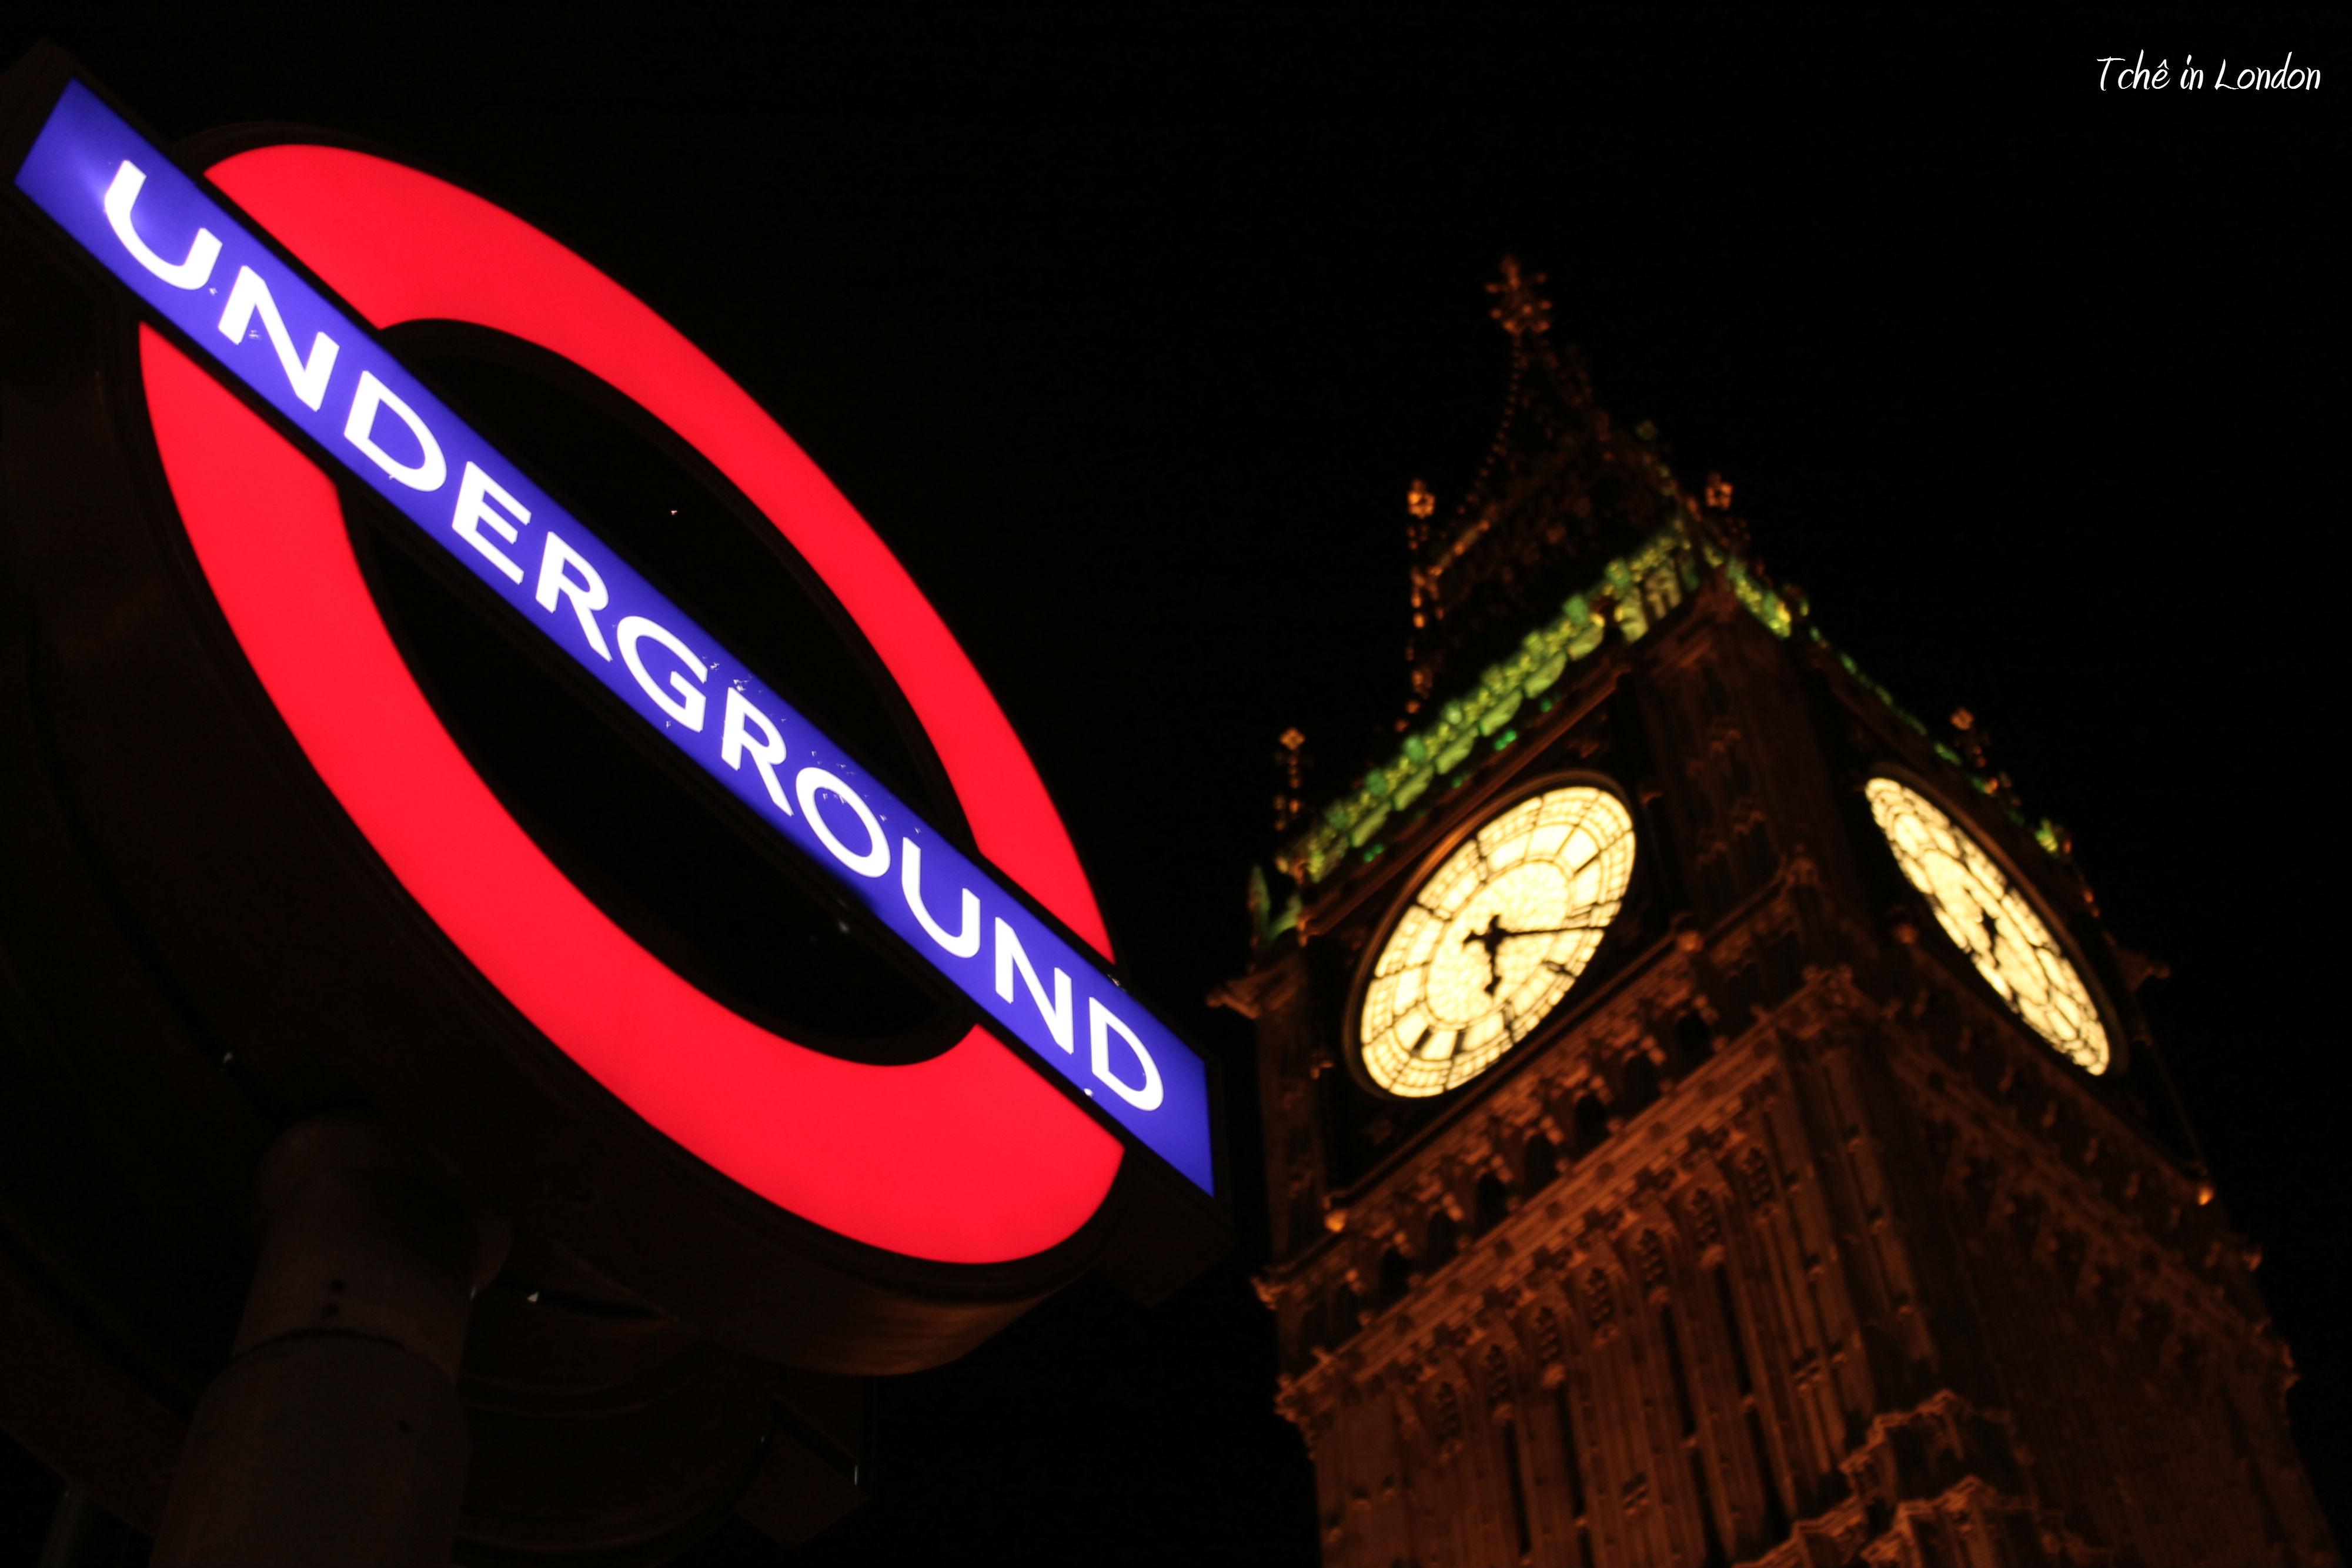 símbolo do metrô de londres com o big ben ao fundo iluminado, à noite